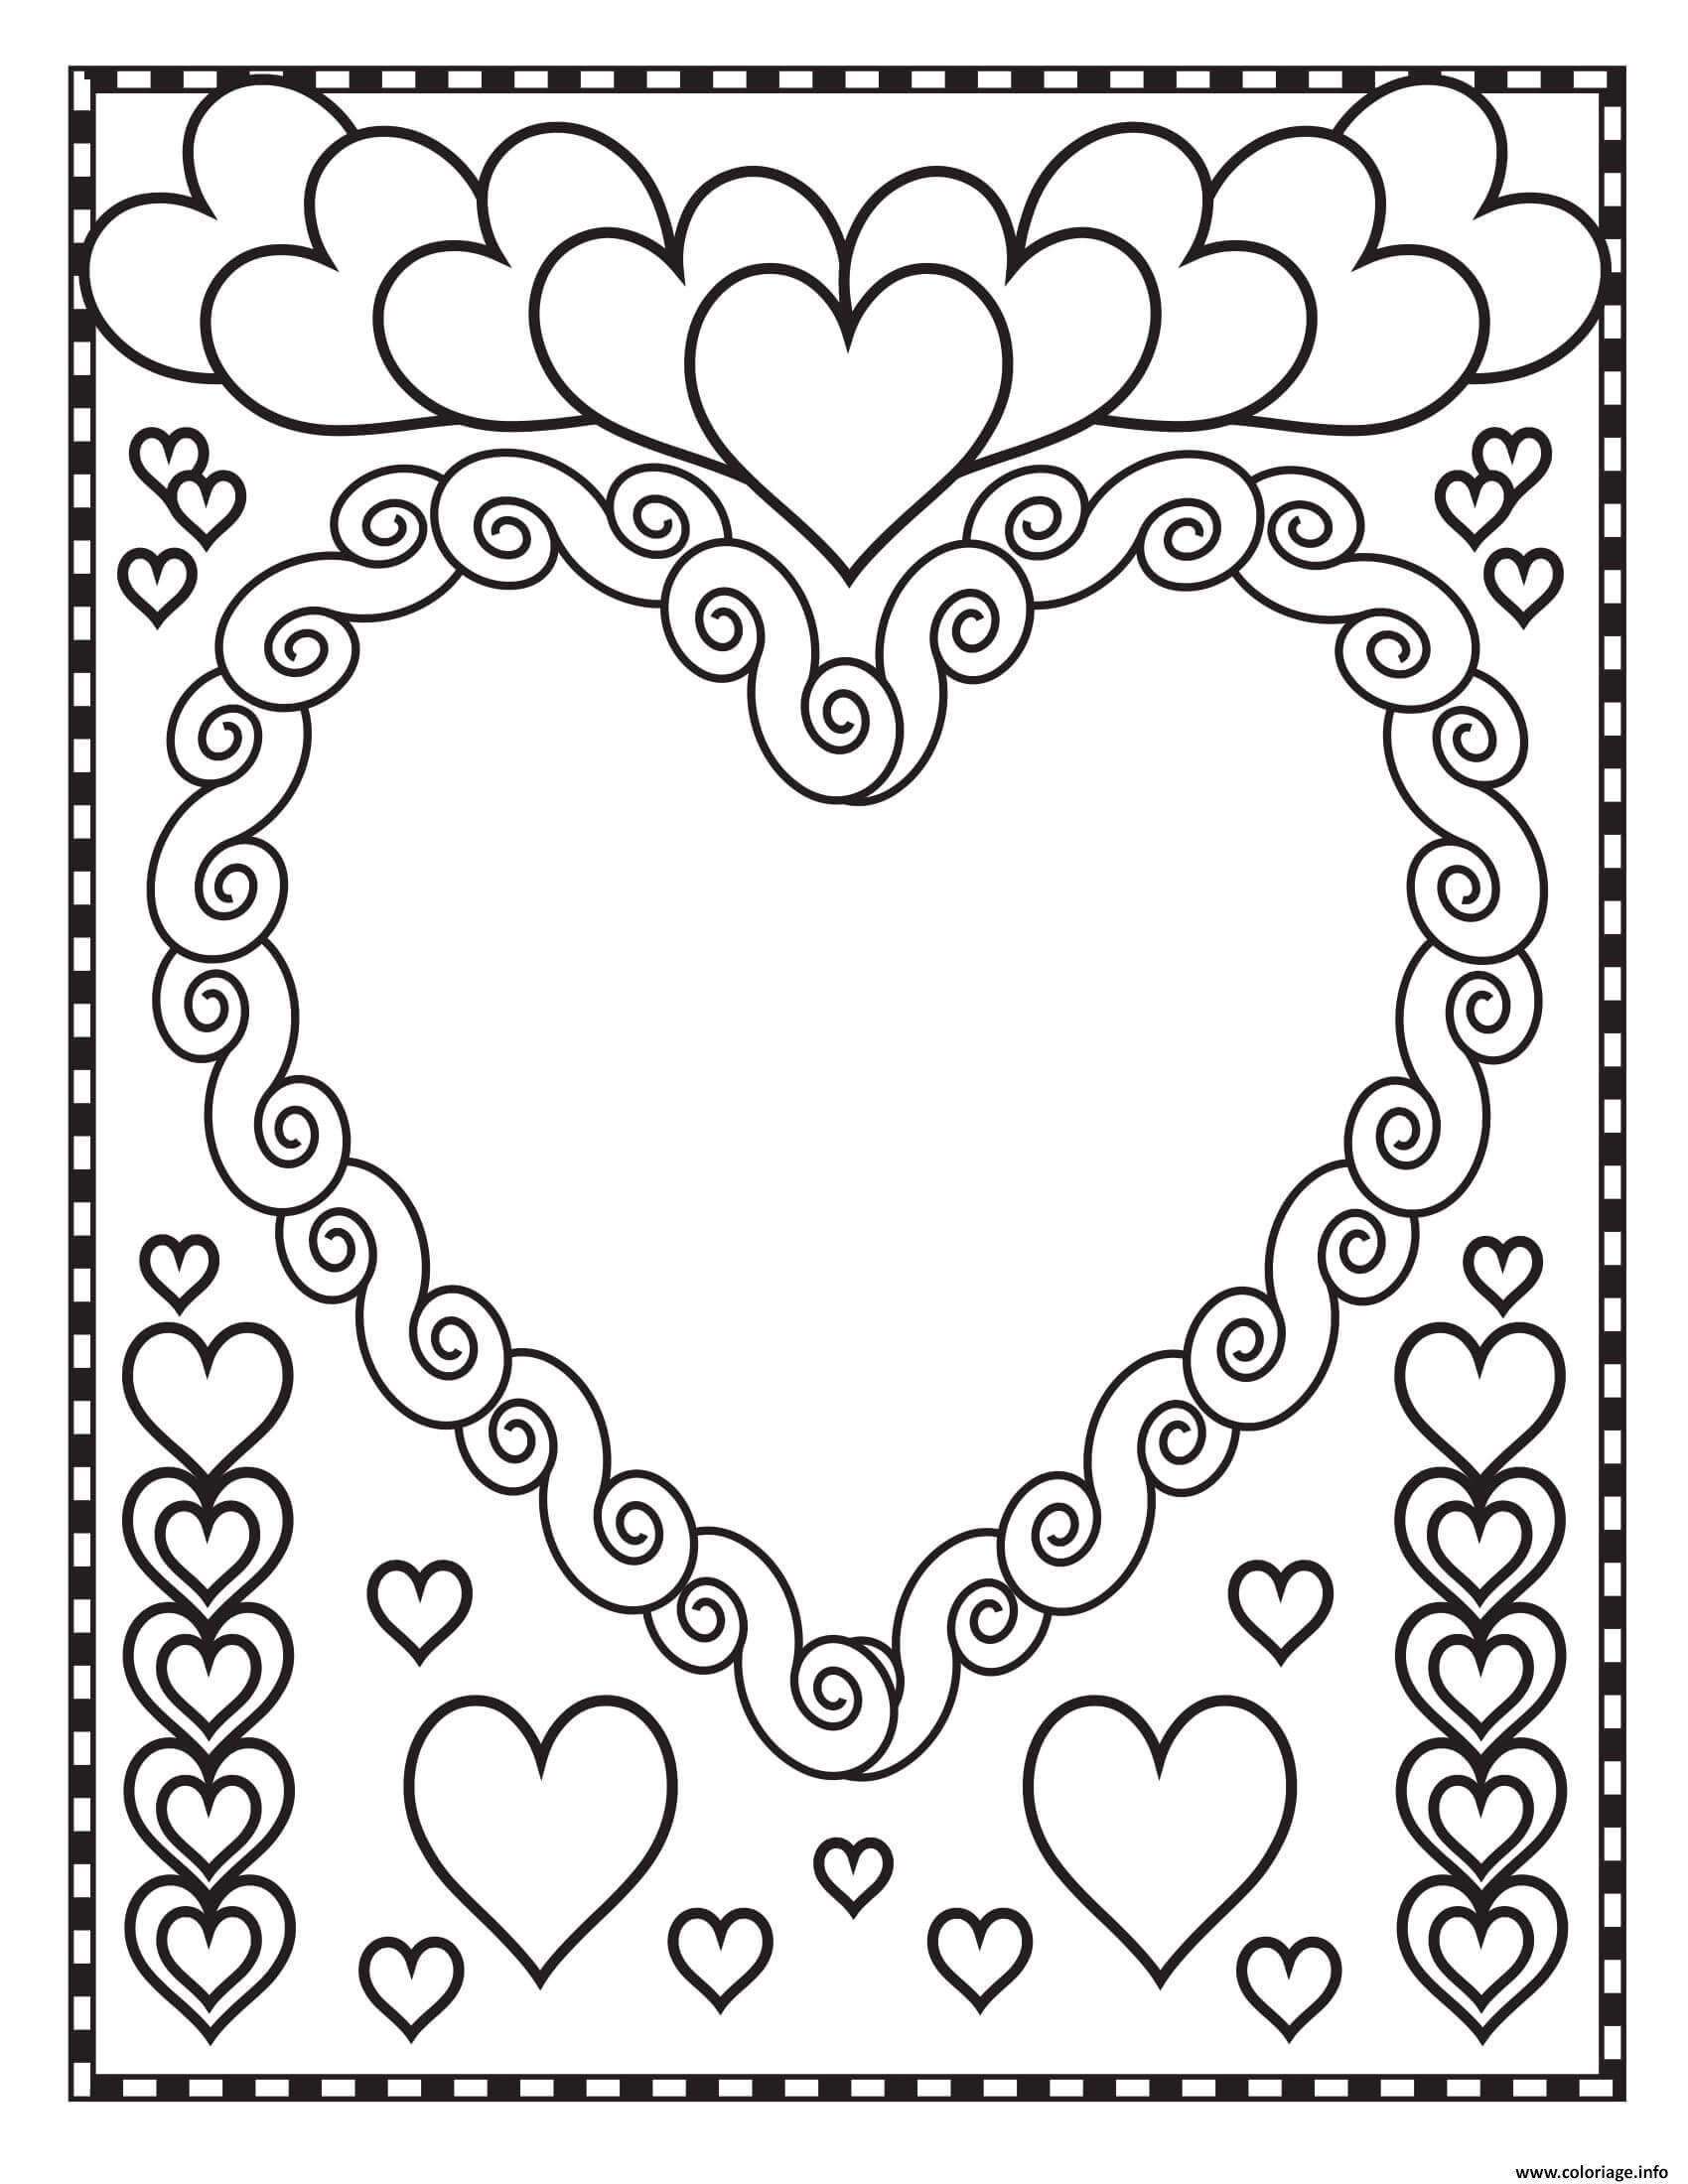 Dessin st valentin coeurs blanc Coloriage Gratuit à Imprimer